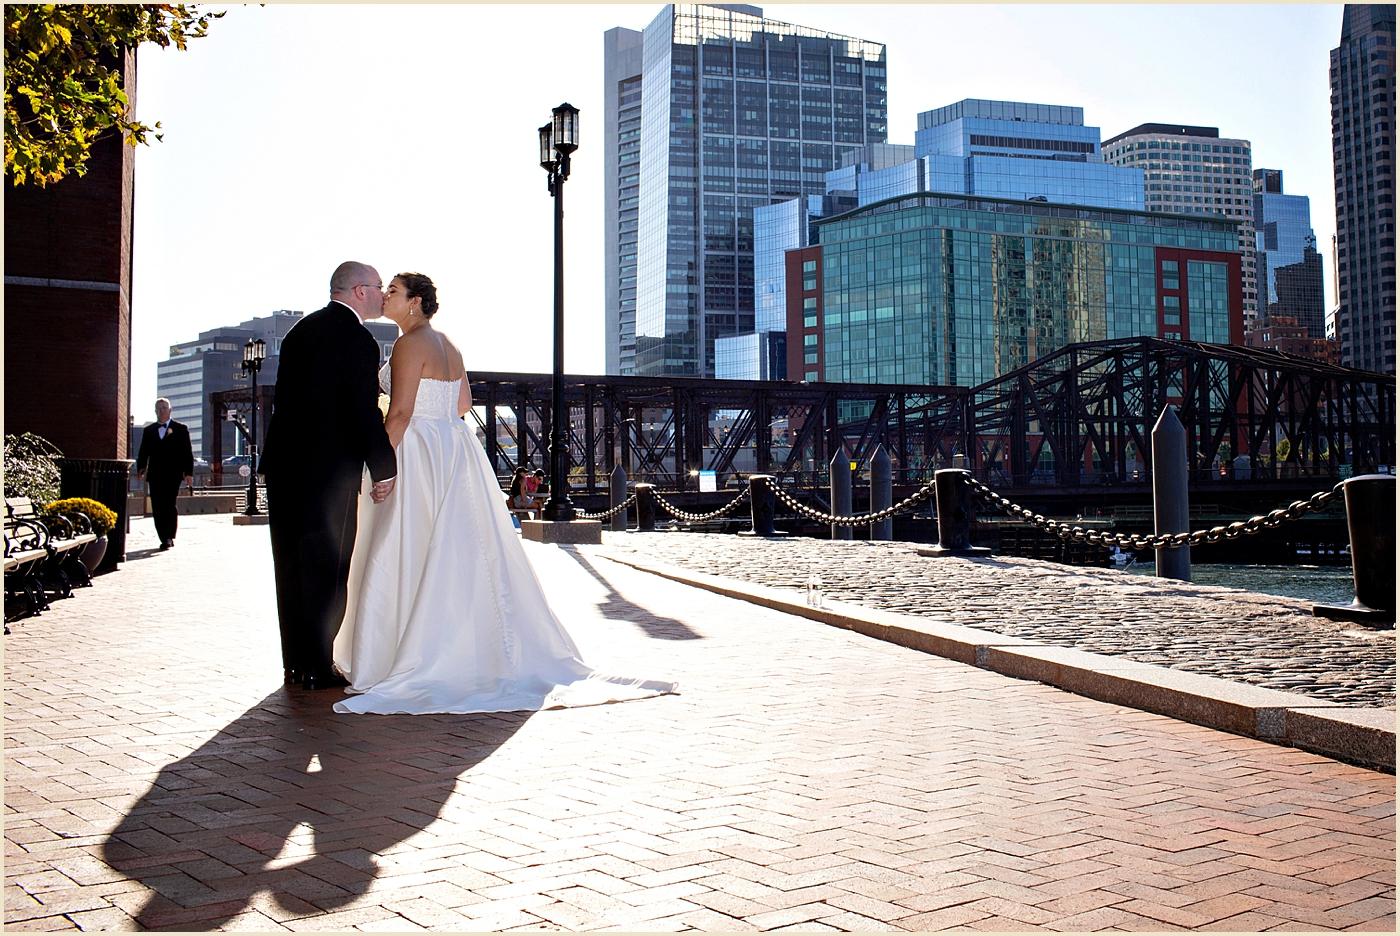 Seaport Wedding Boston Fan Pier